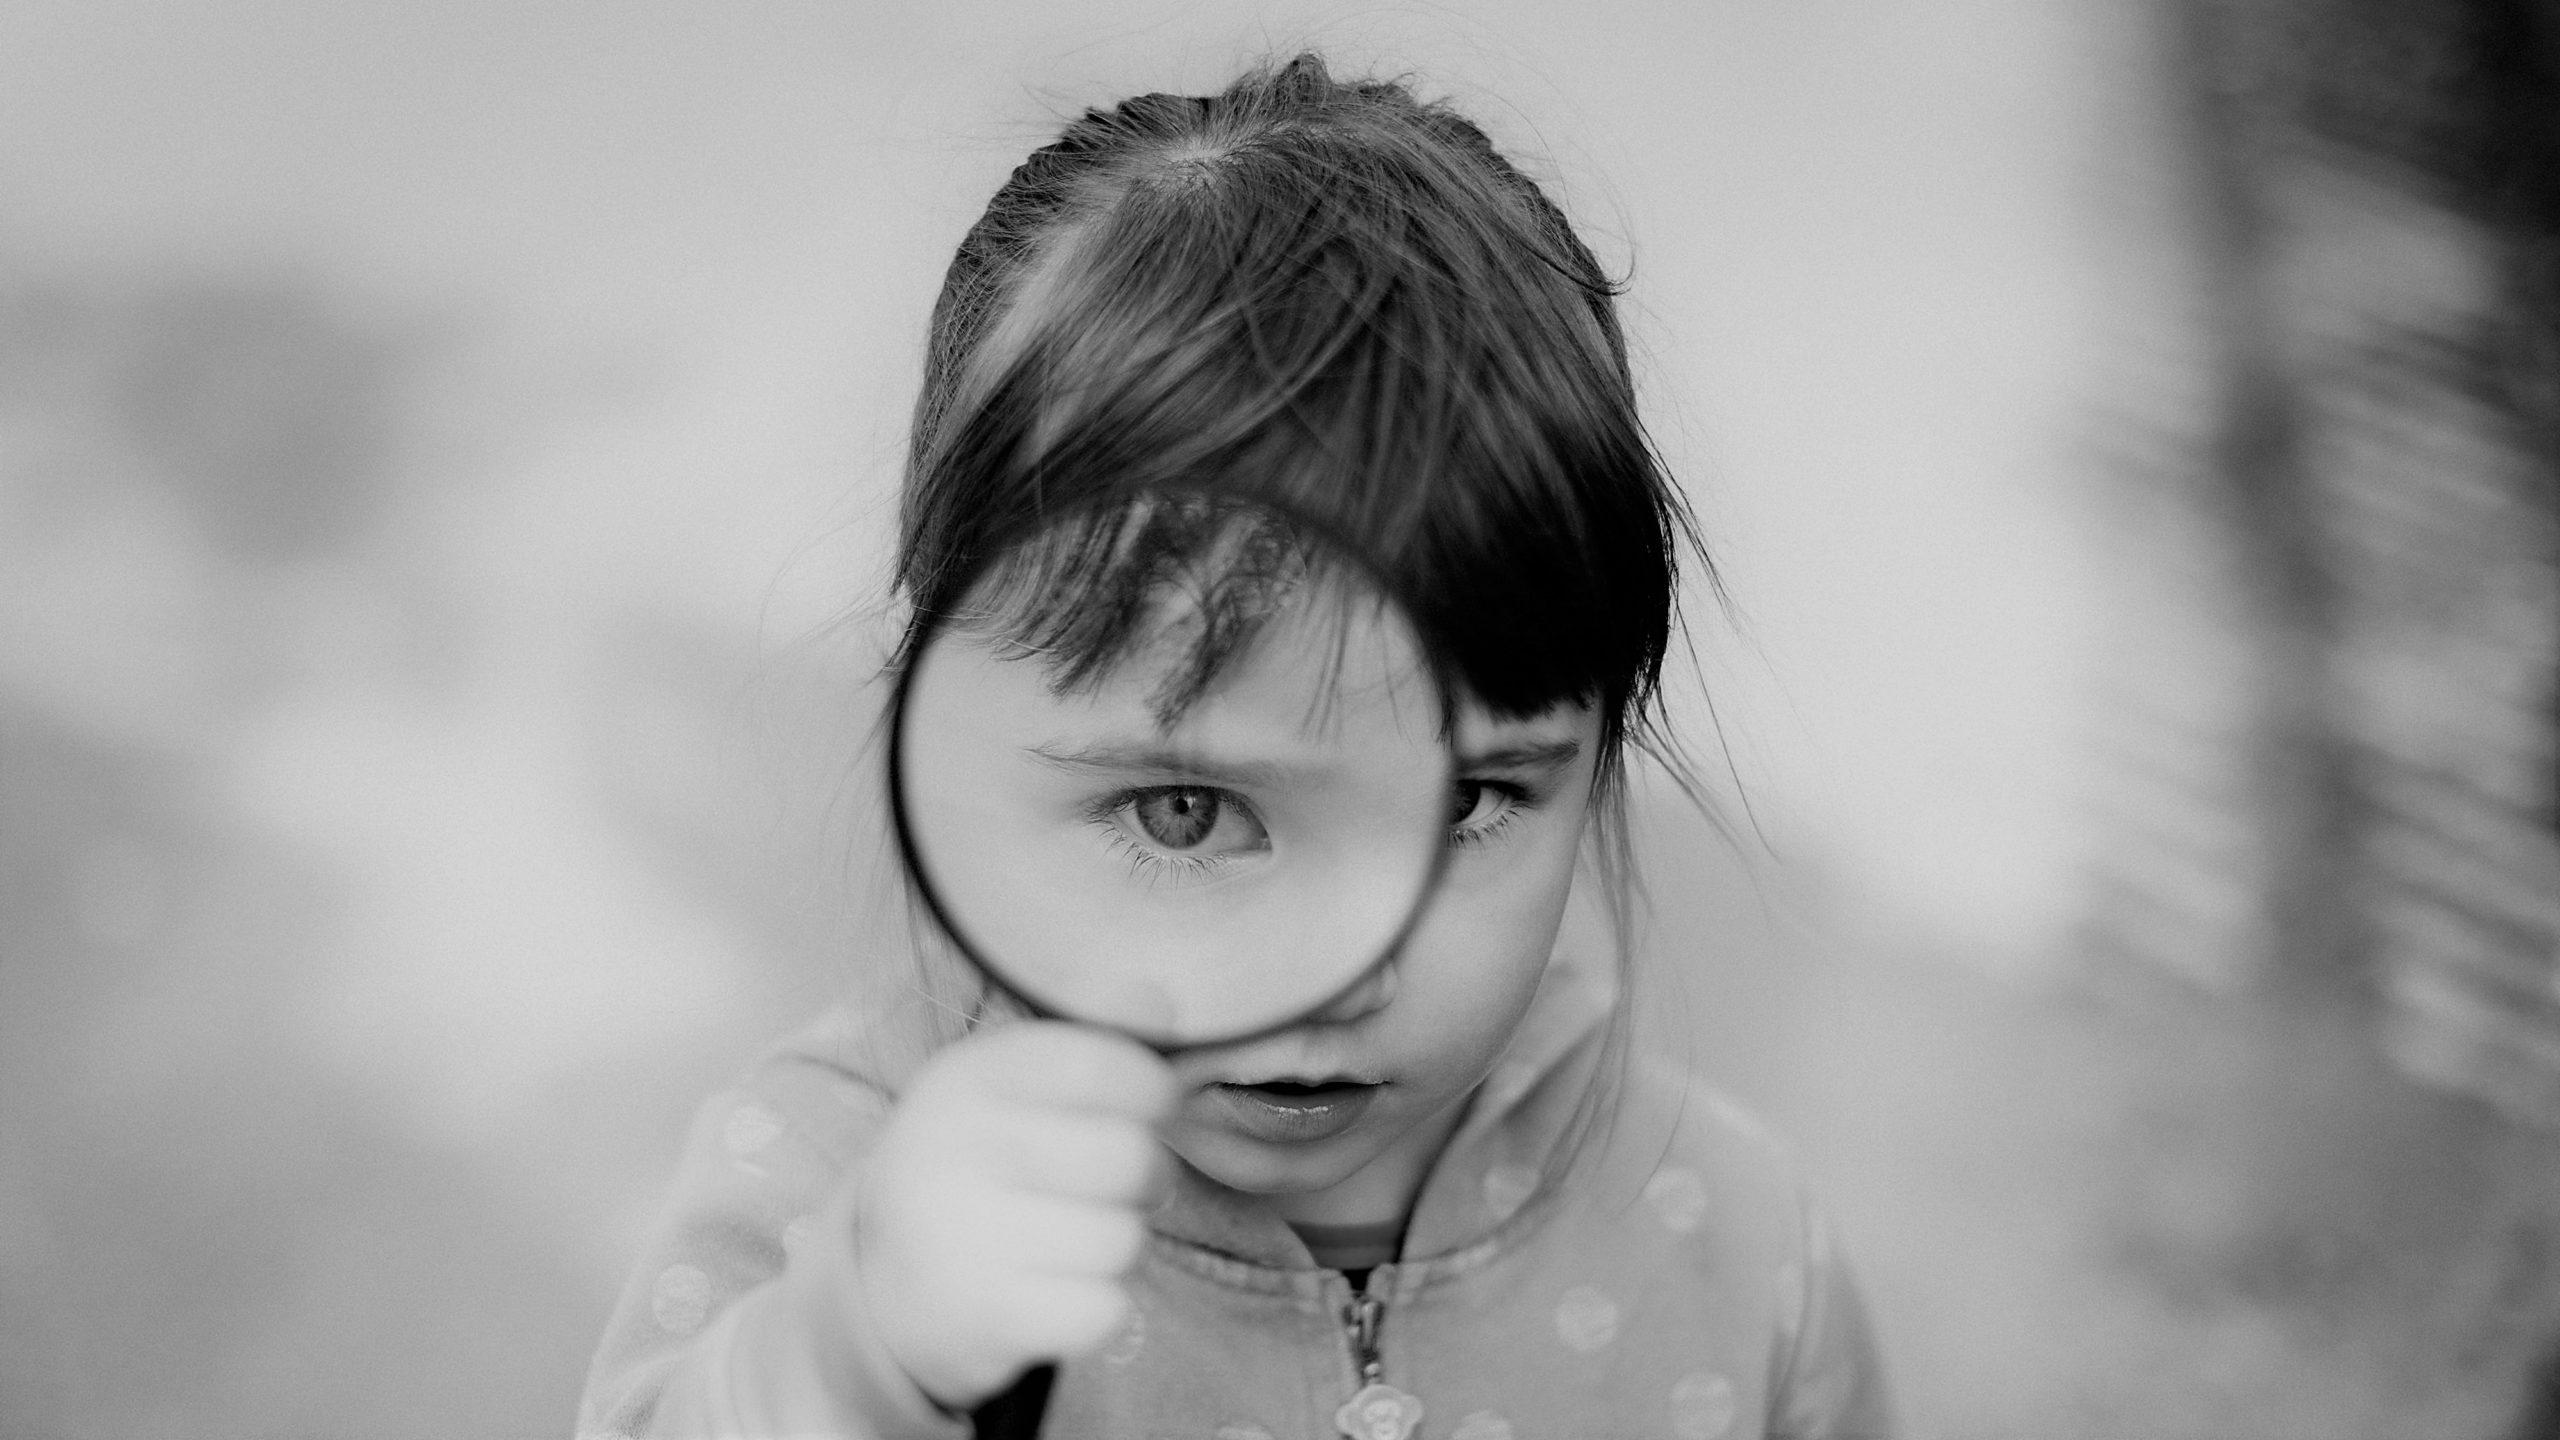 Hoogbegaafd kind exploreert en onderzoekt de wereld om haar heen